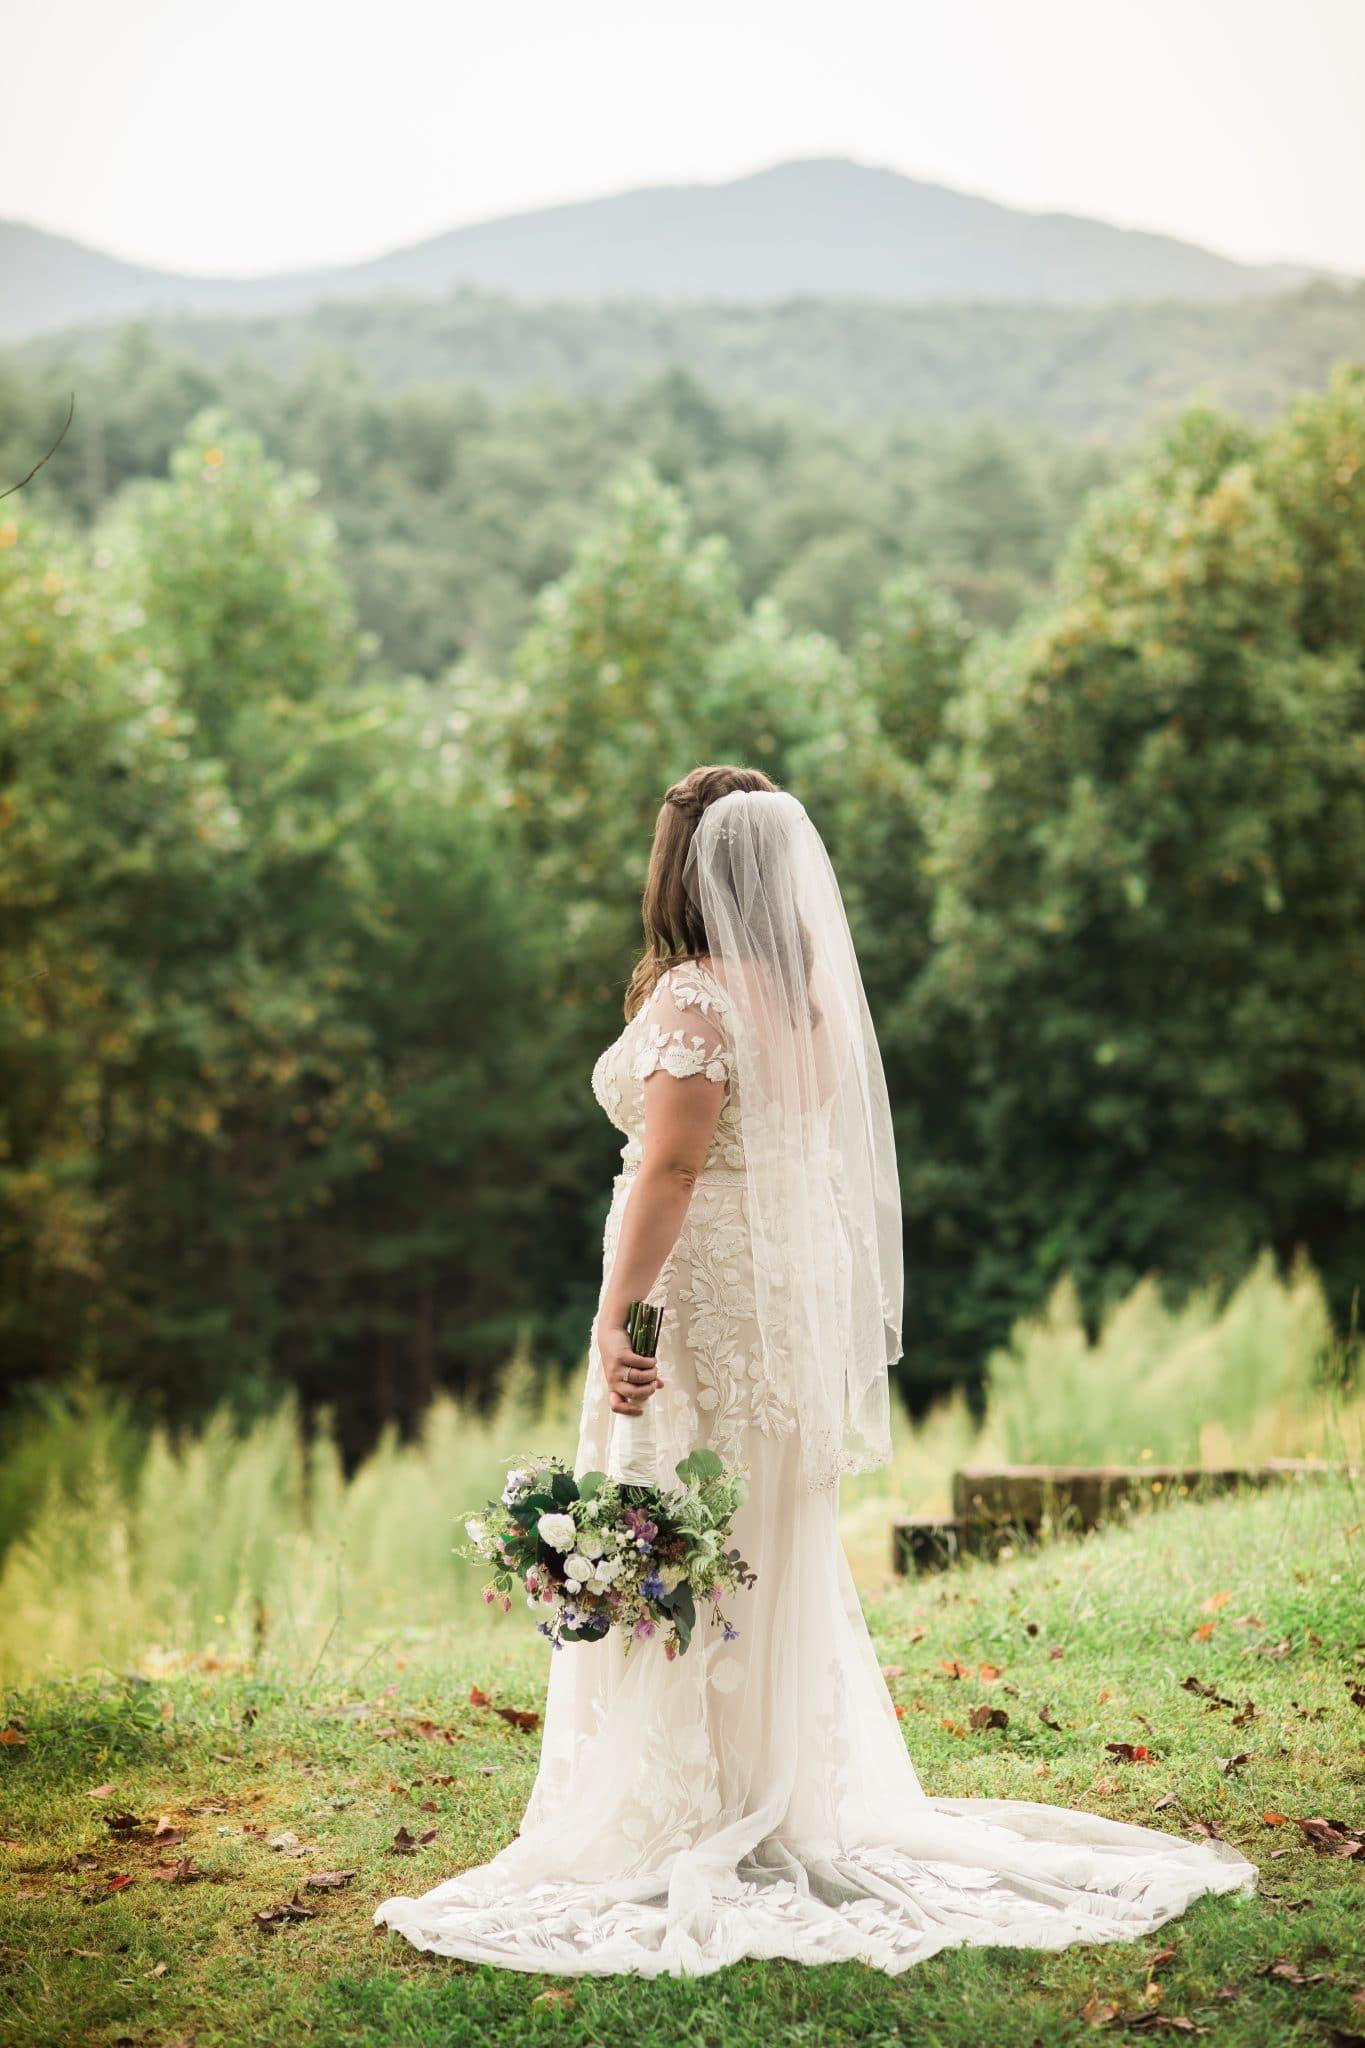 bridal portrait overlooking mountains in Helen GA